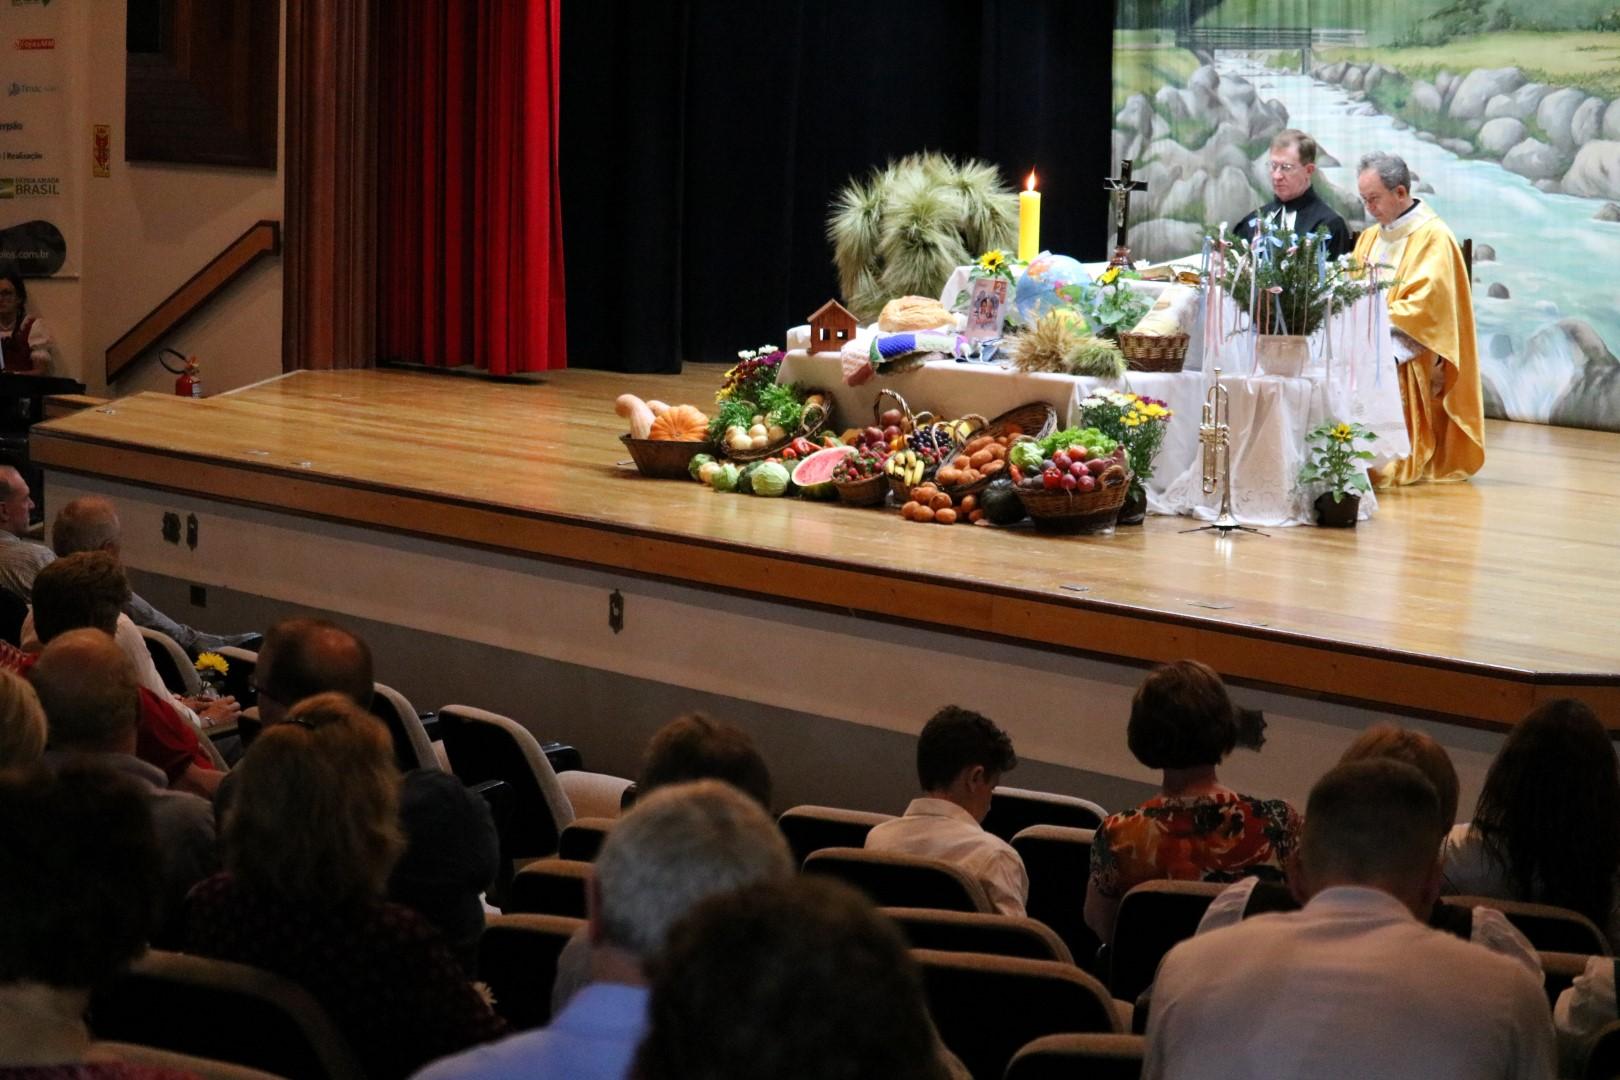 Culto ecumênico e abertura exposição - Festa da Cevada -  03/10/2019Culto ecumênico e abertura exposição - Festa da Cevada -  03/10/2019